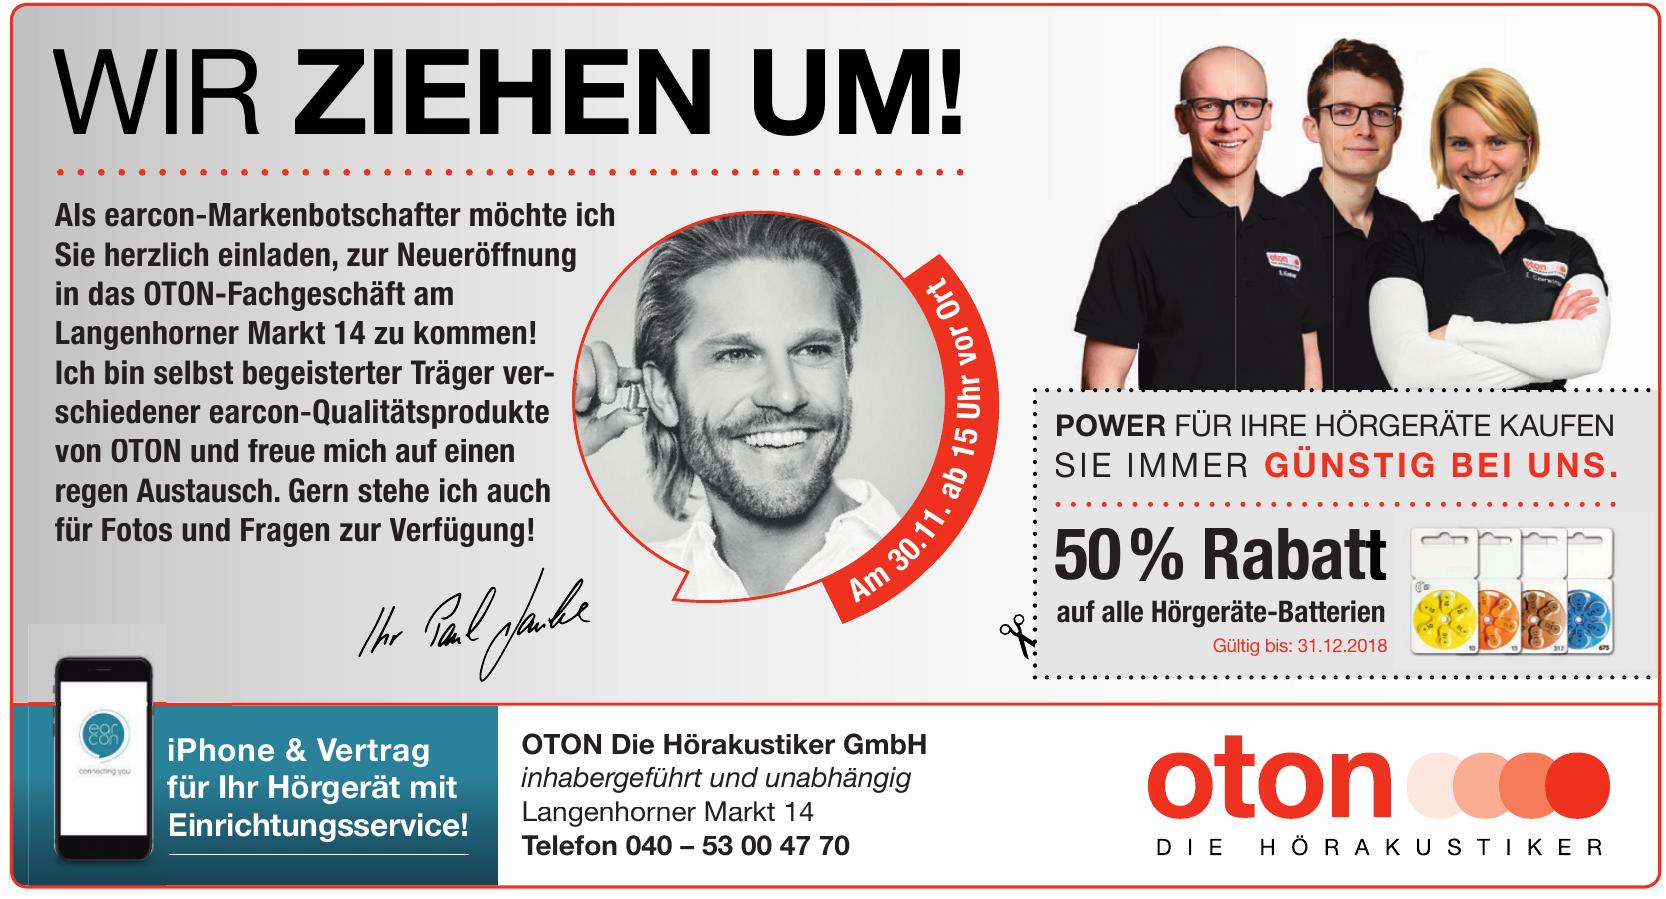 OTON Die Hörakustiker GmbH